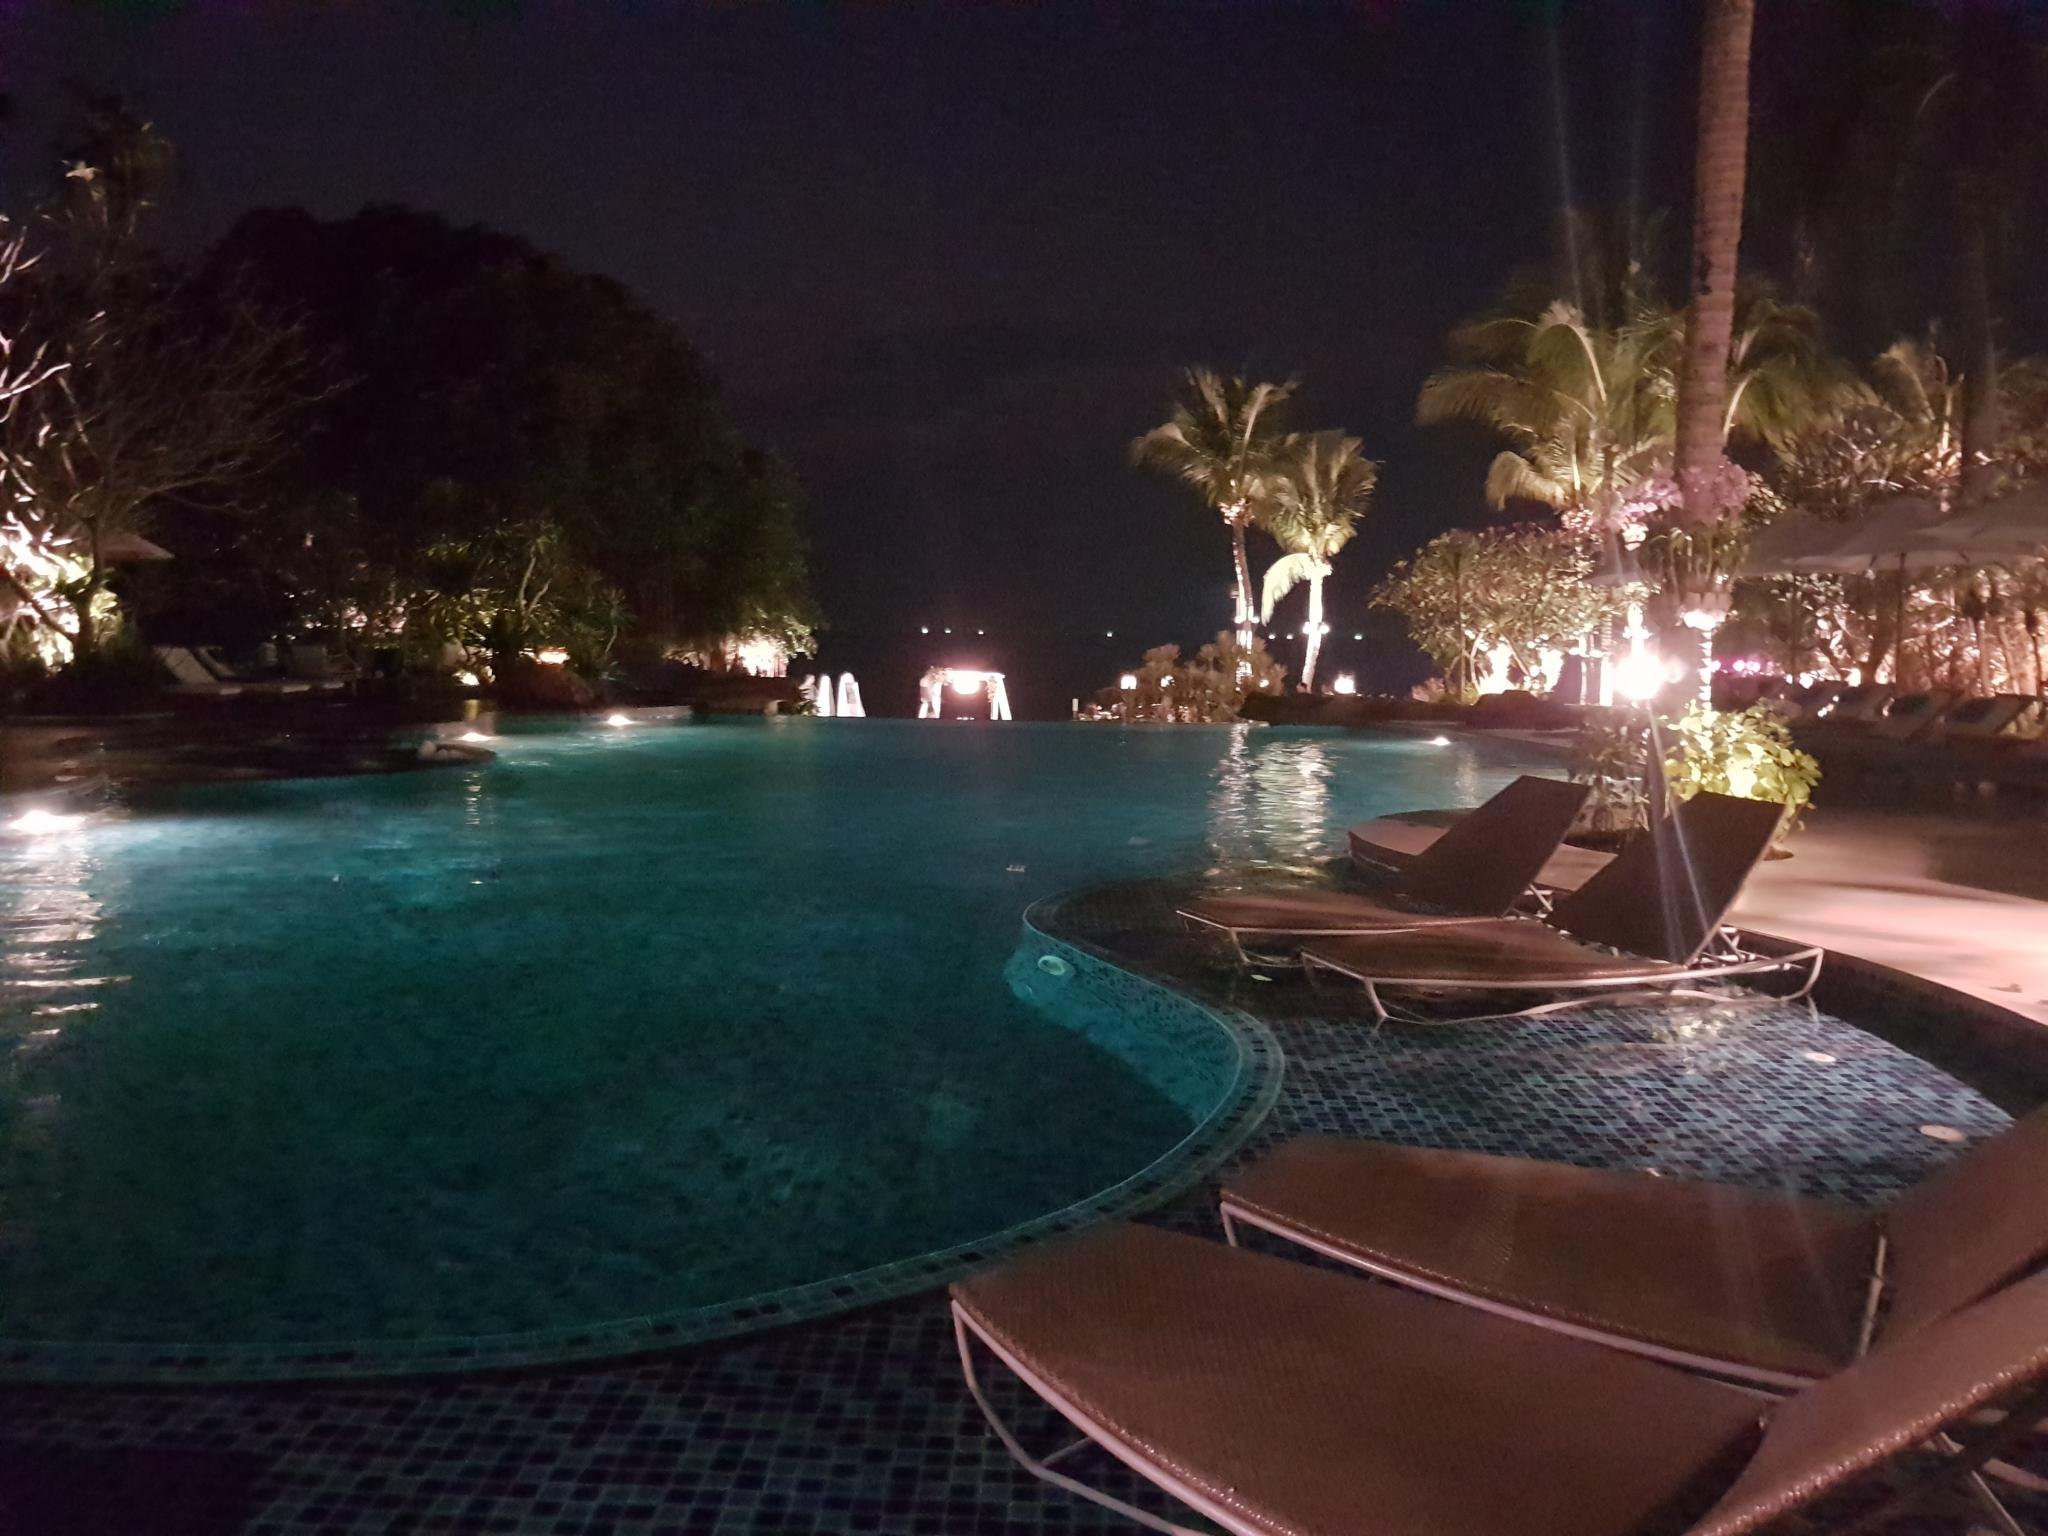 Bang Saray beach wedding & villa.-20191229_183952-jpg